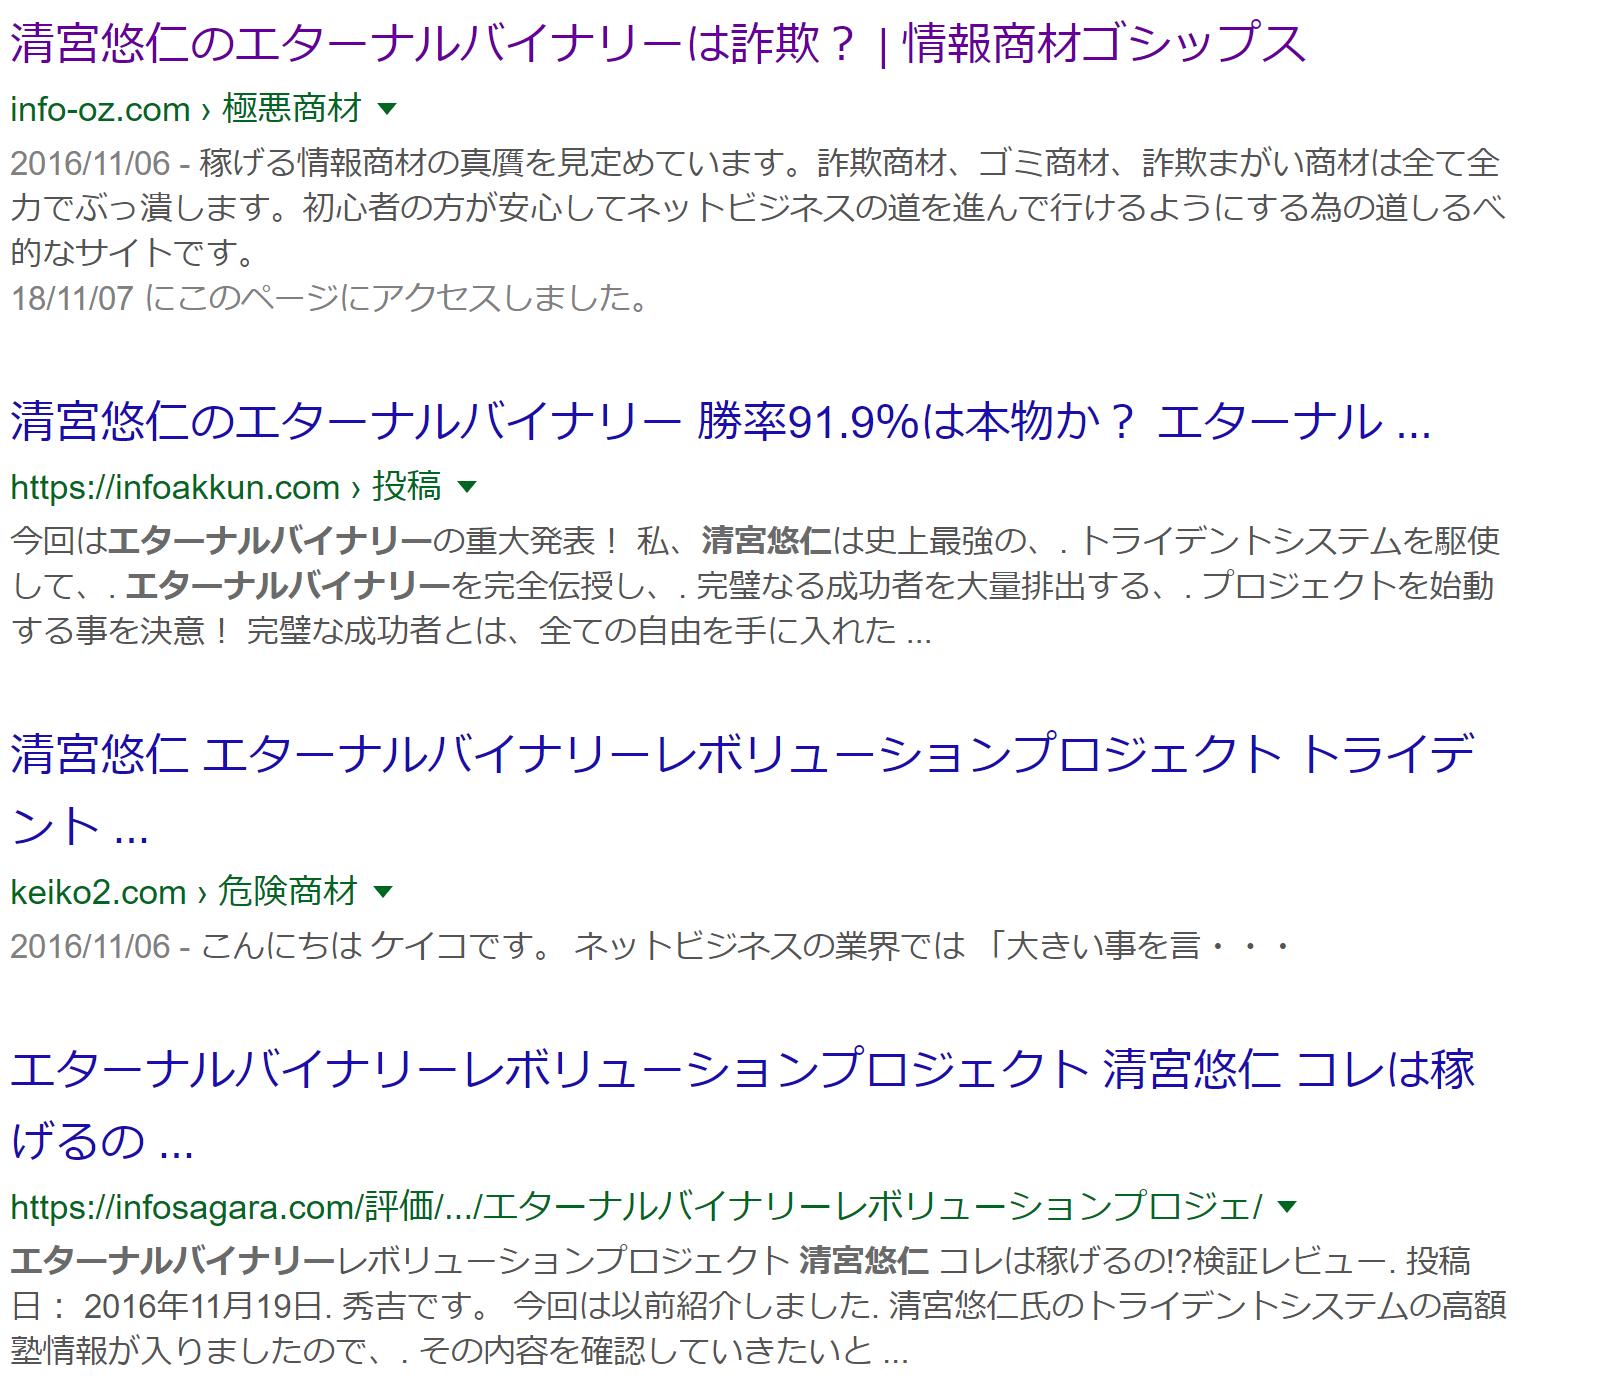 清宮悠仁 エターナルバイナリーのGoogle検索結果